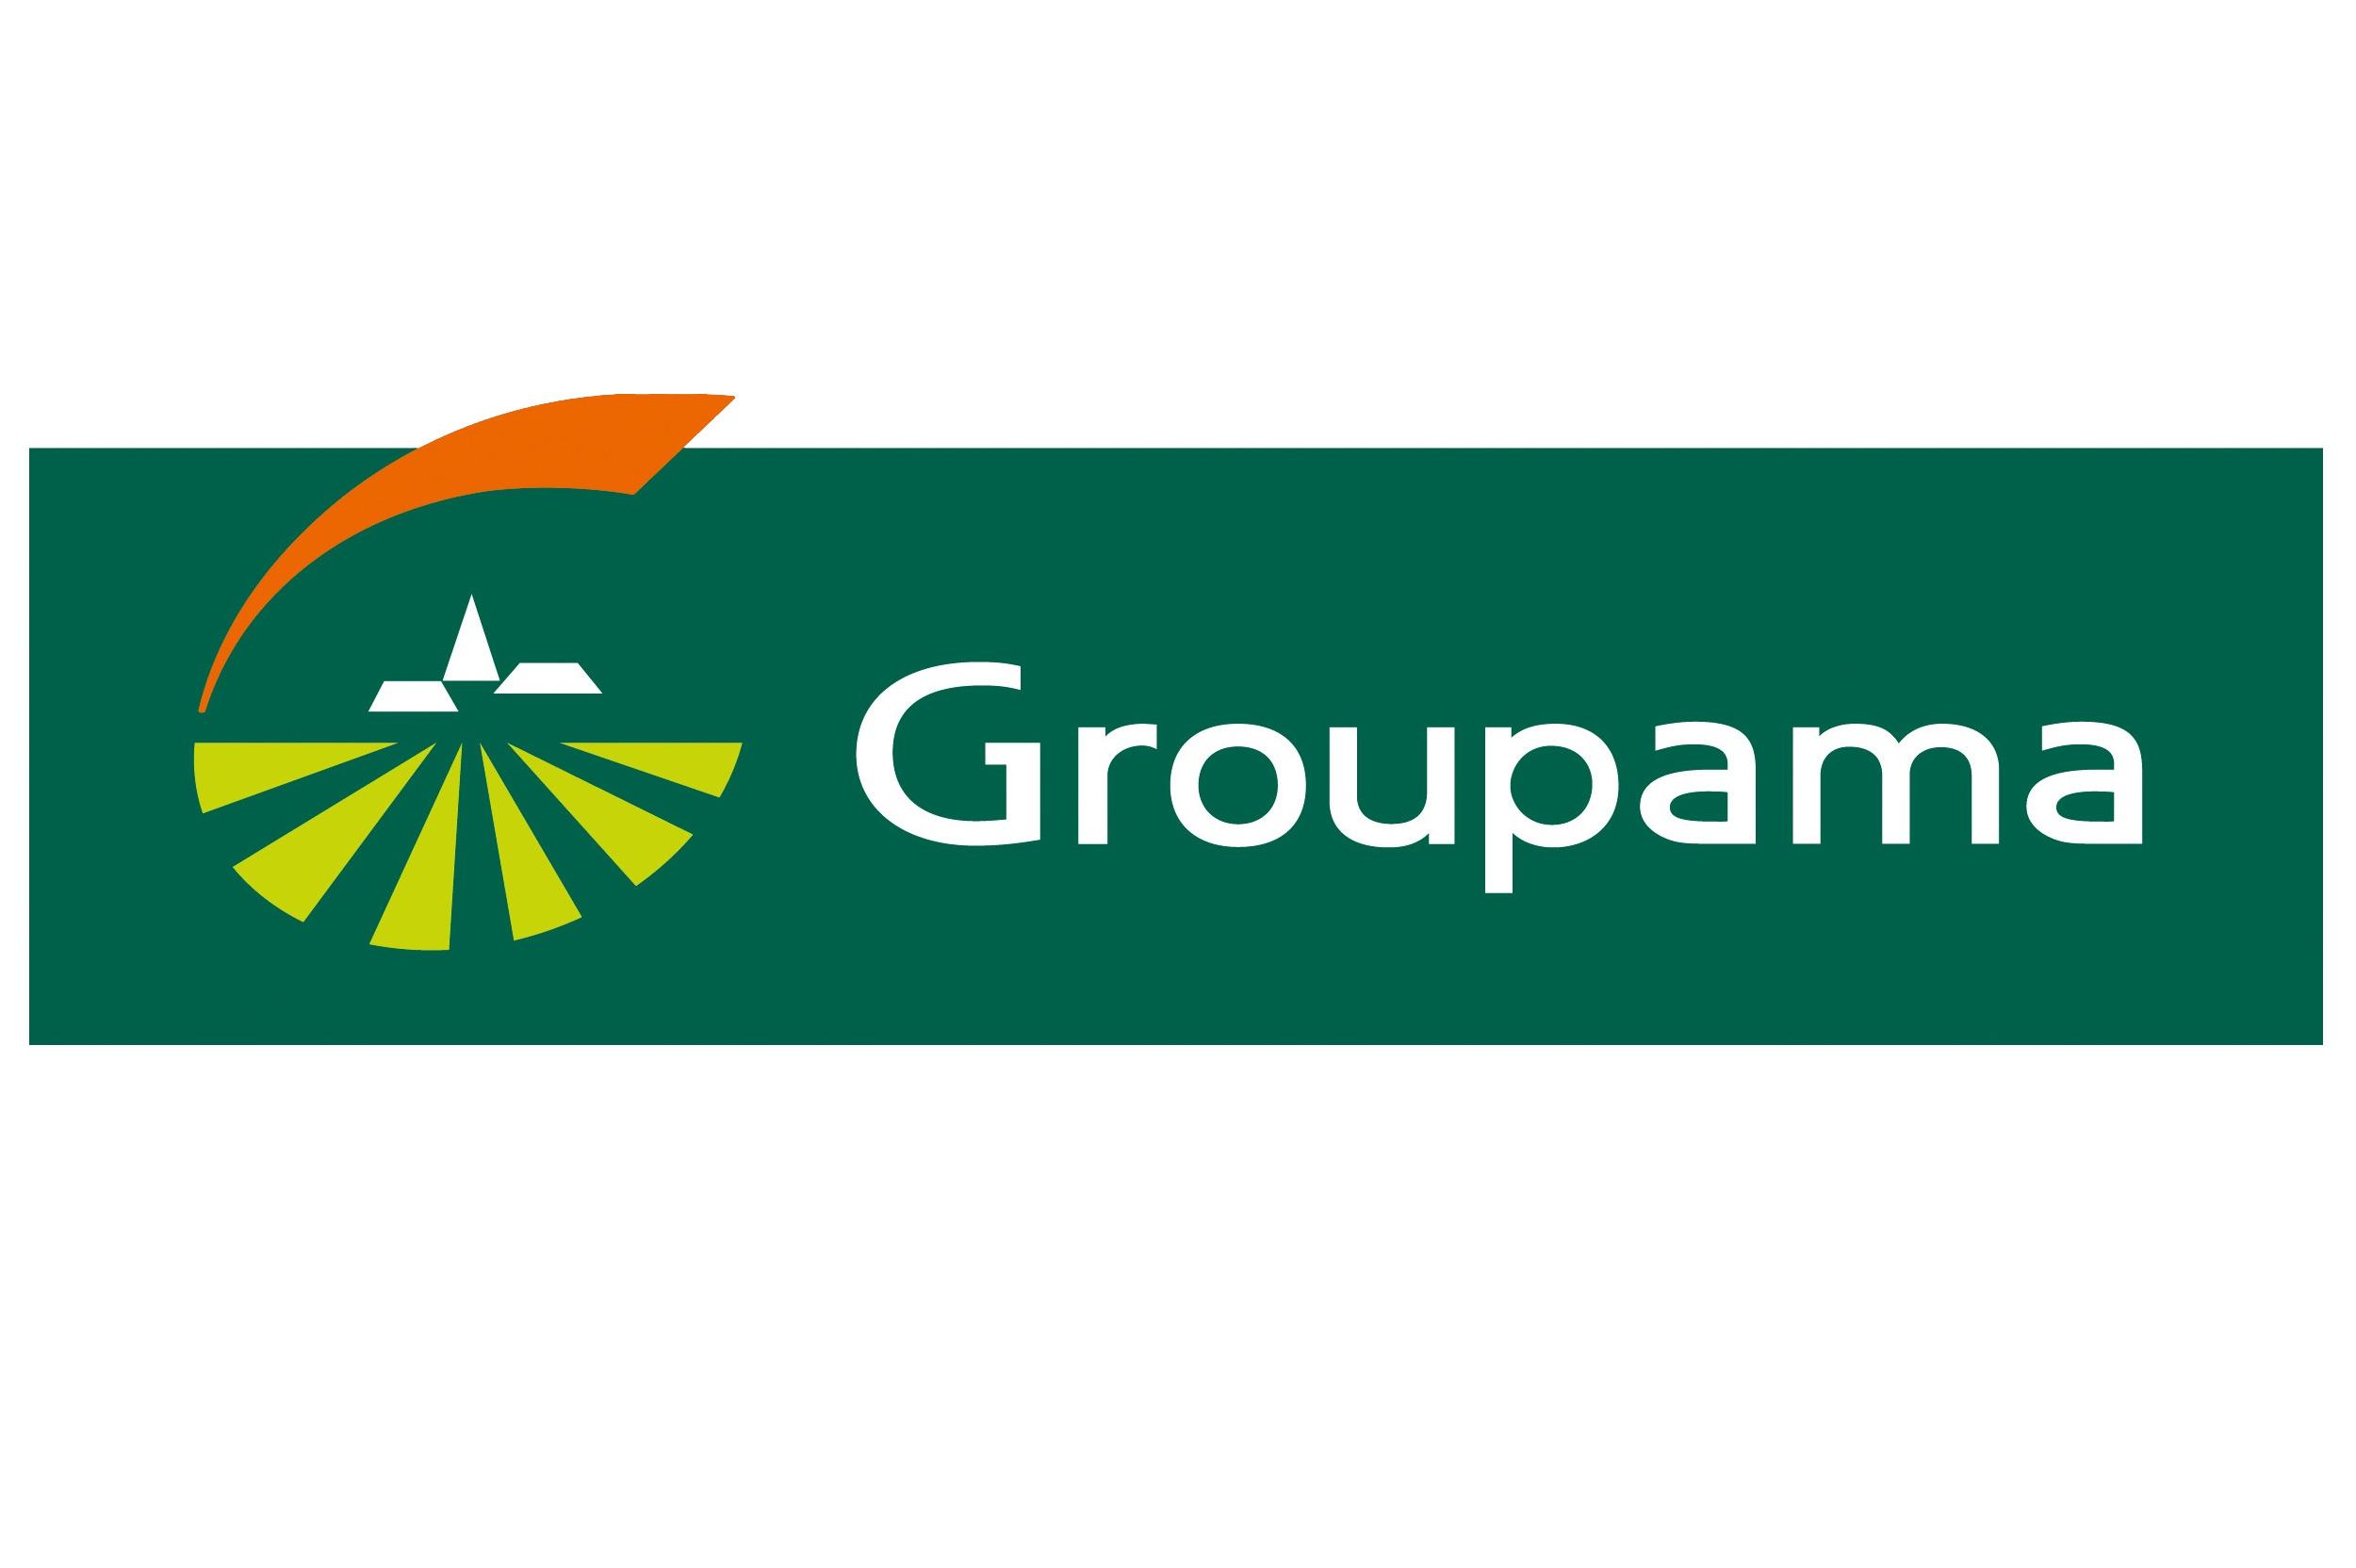 image logo groupama